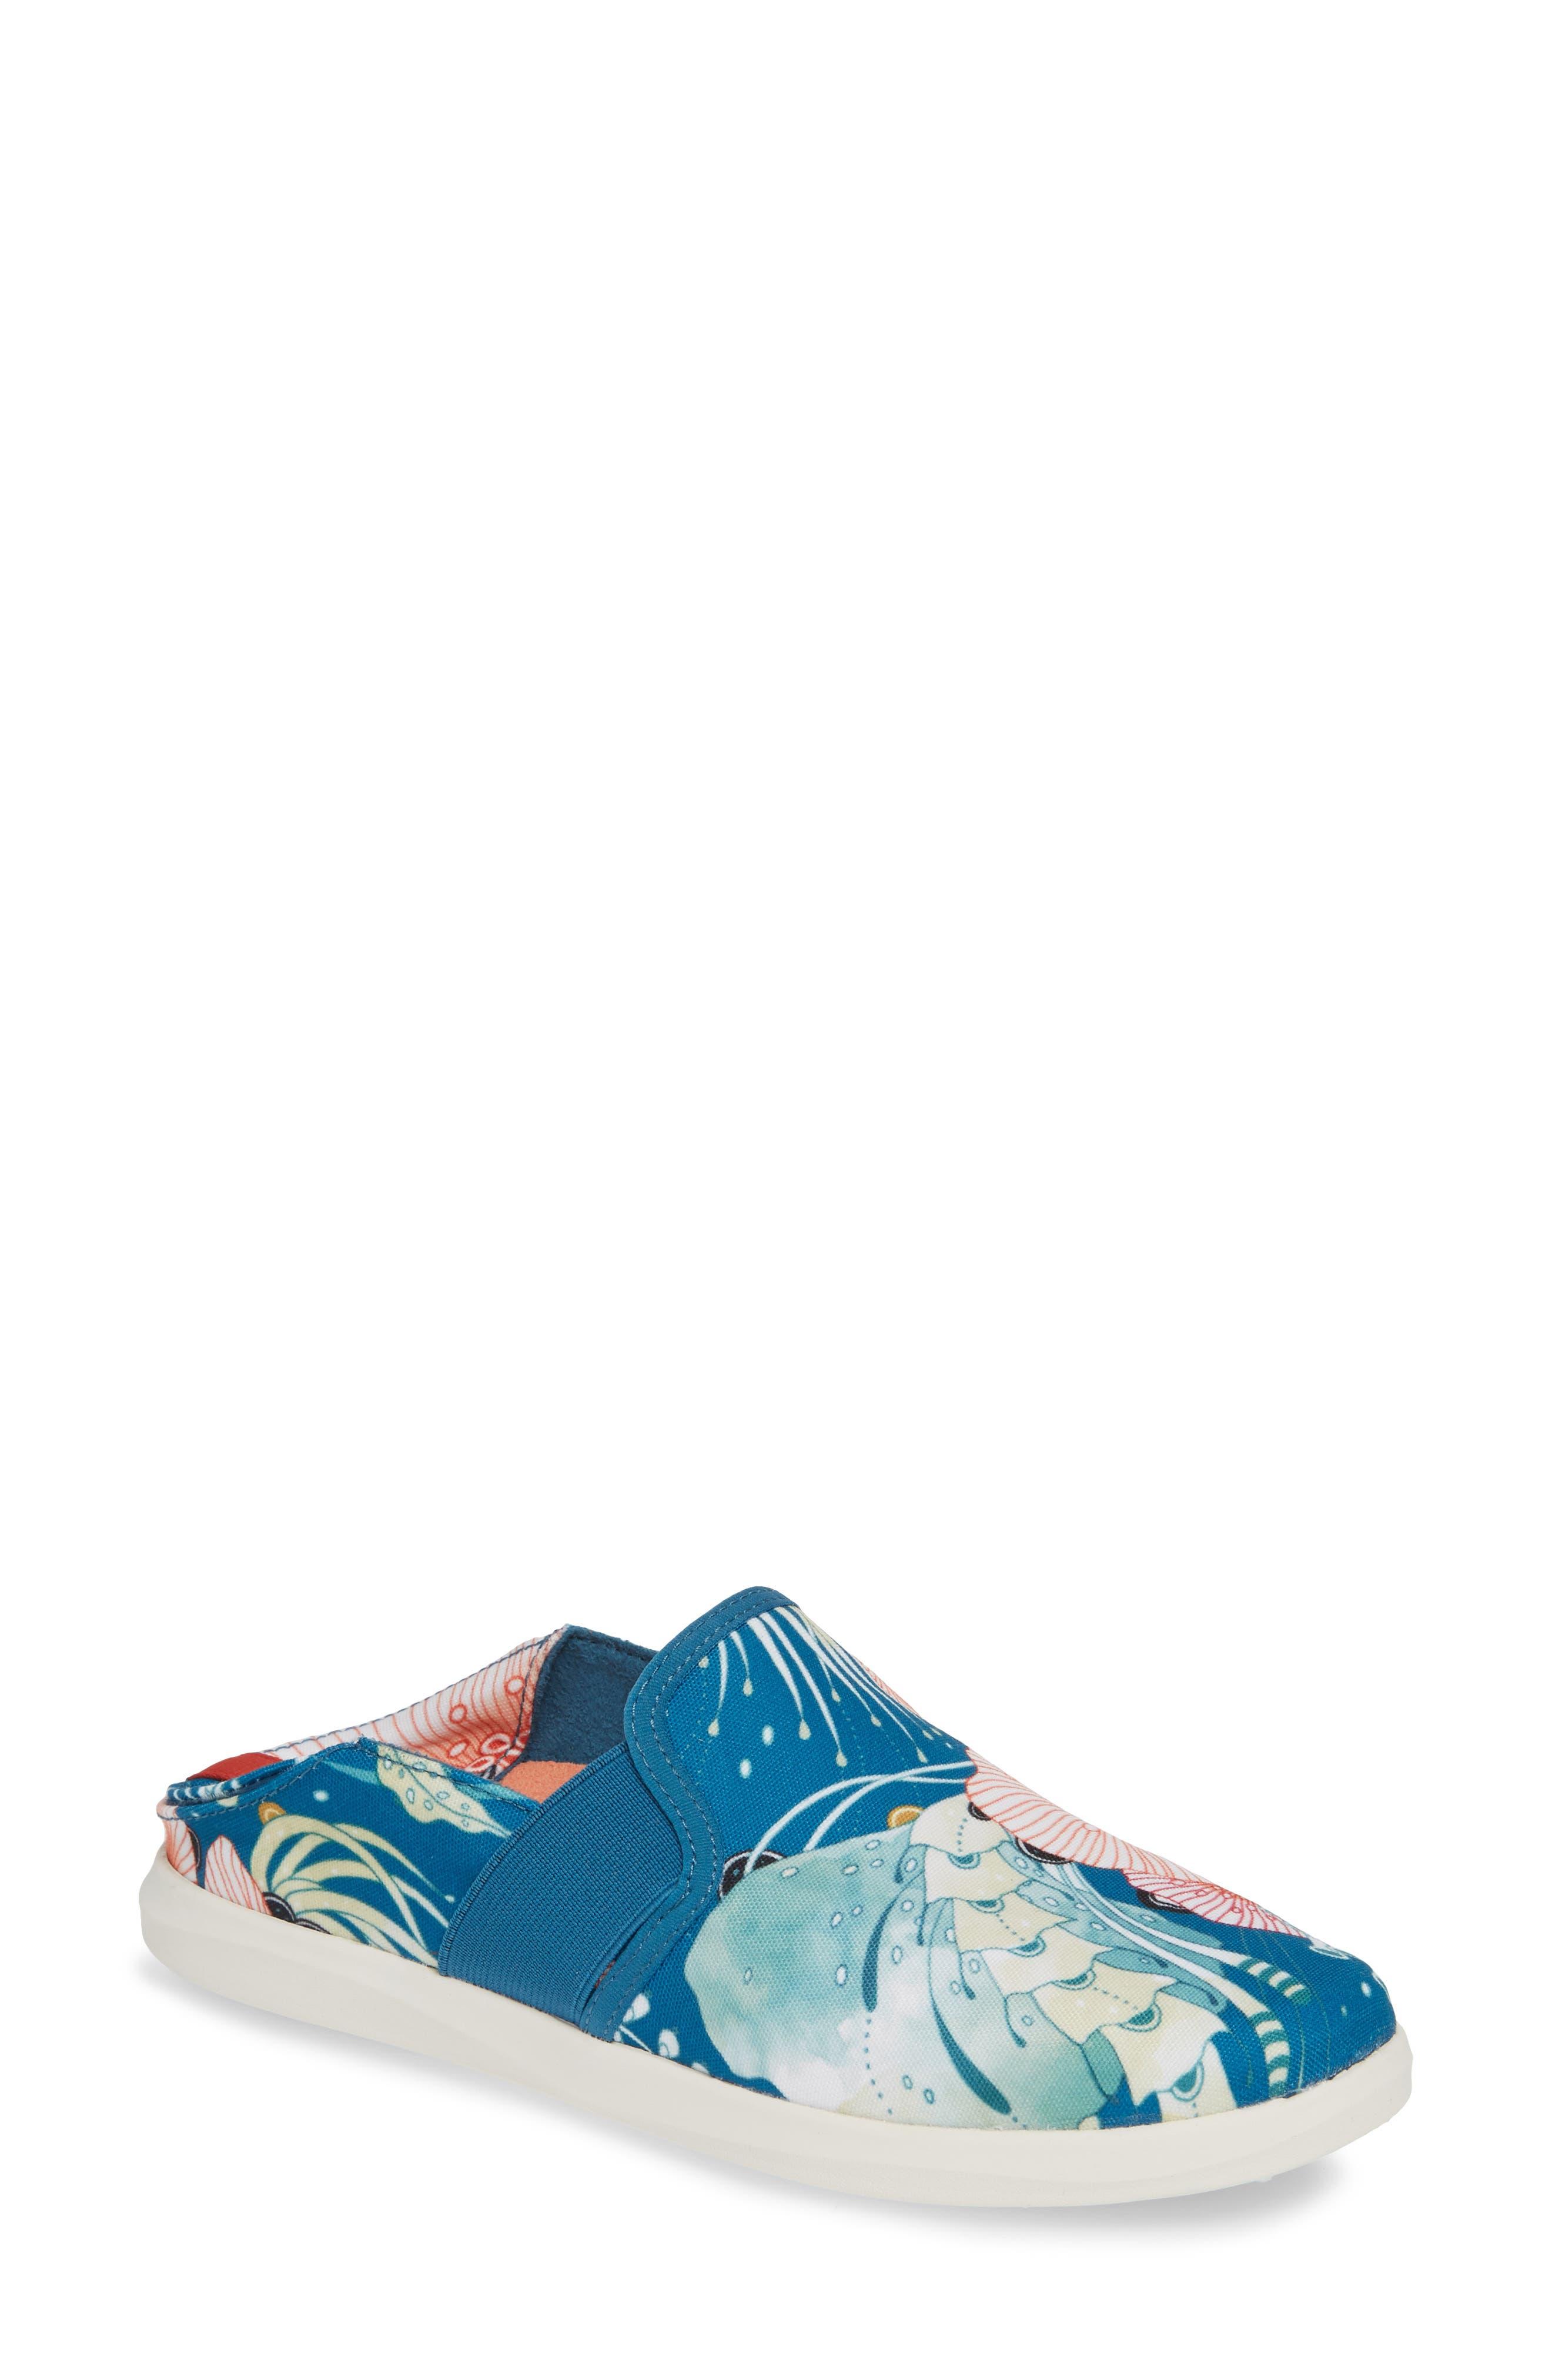 Olukai Haleiwa Pai Sneaker- Blue